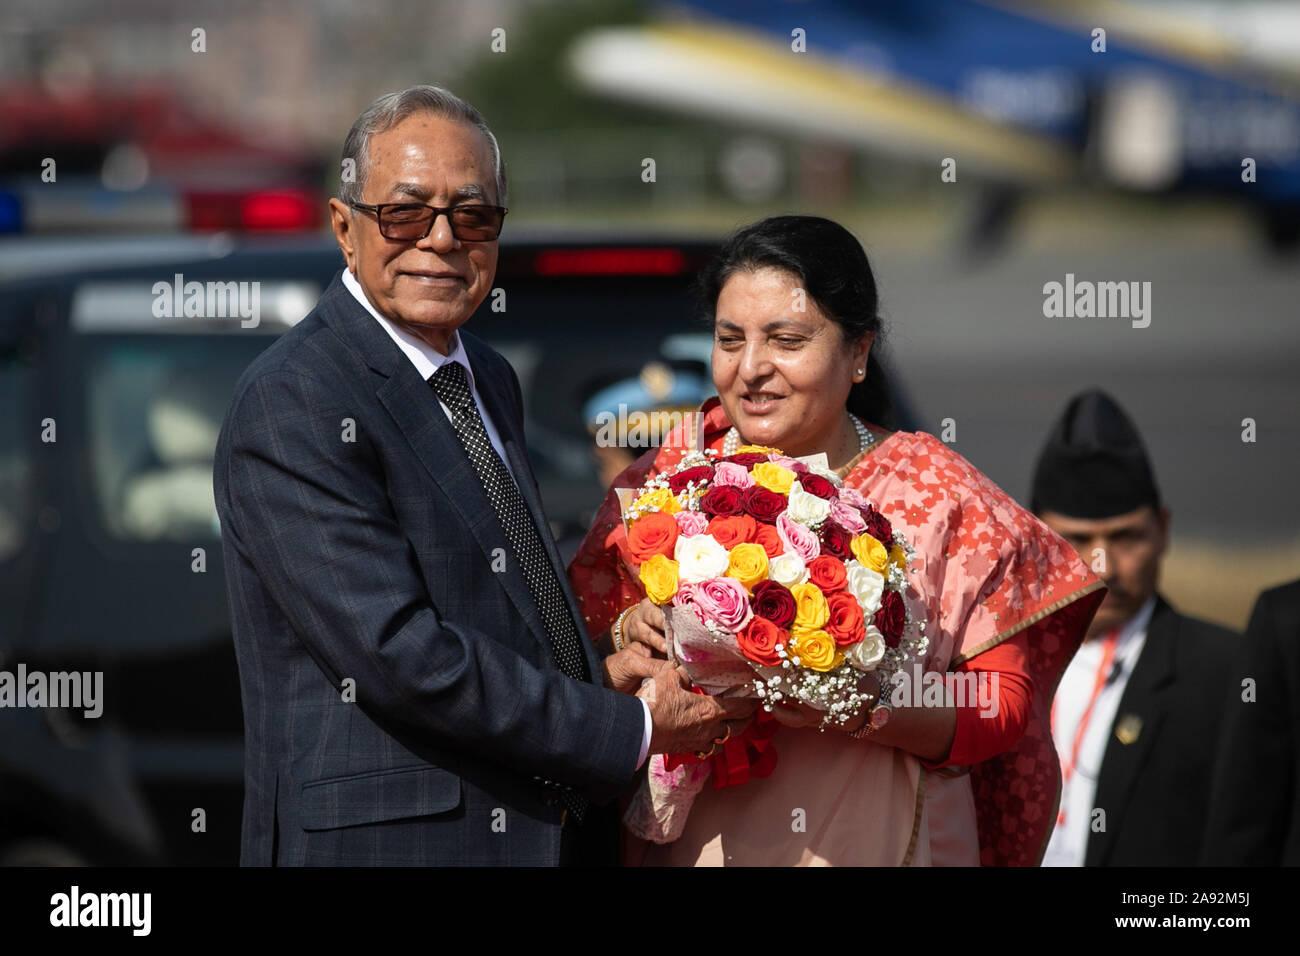 Katmandou, Népal. 20 Nov, 2019. Le président du Bangladesh, Abdul Hamid (R) reçoit un bouquet de fleurs en provenance du Népal, Président du Bidhya Devi Bhandari (L) lors de son arrivée à l'aéroport international de Tribhuvan. Le président du Bangladesh est sur une bonne volonté officielle de trois jours à visiter le Népal à l'invitation du président du Népal. Credit: SOPA/Alamy Images Limited Live News Banque D'Images